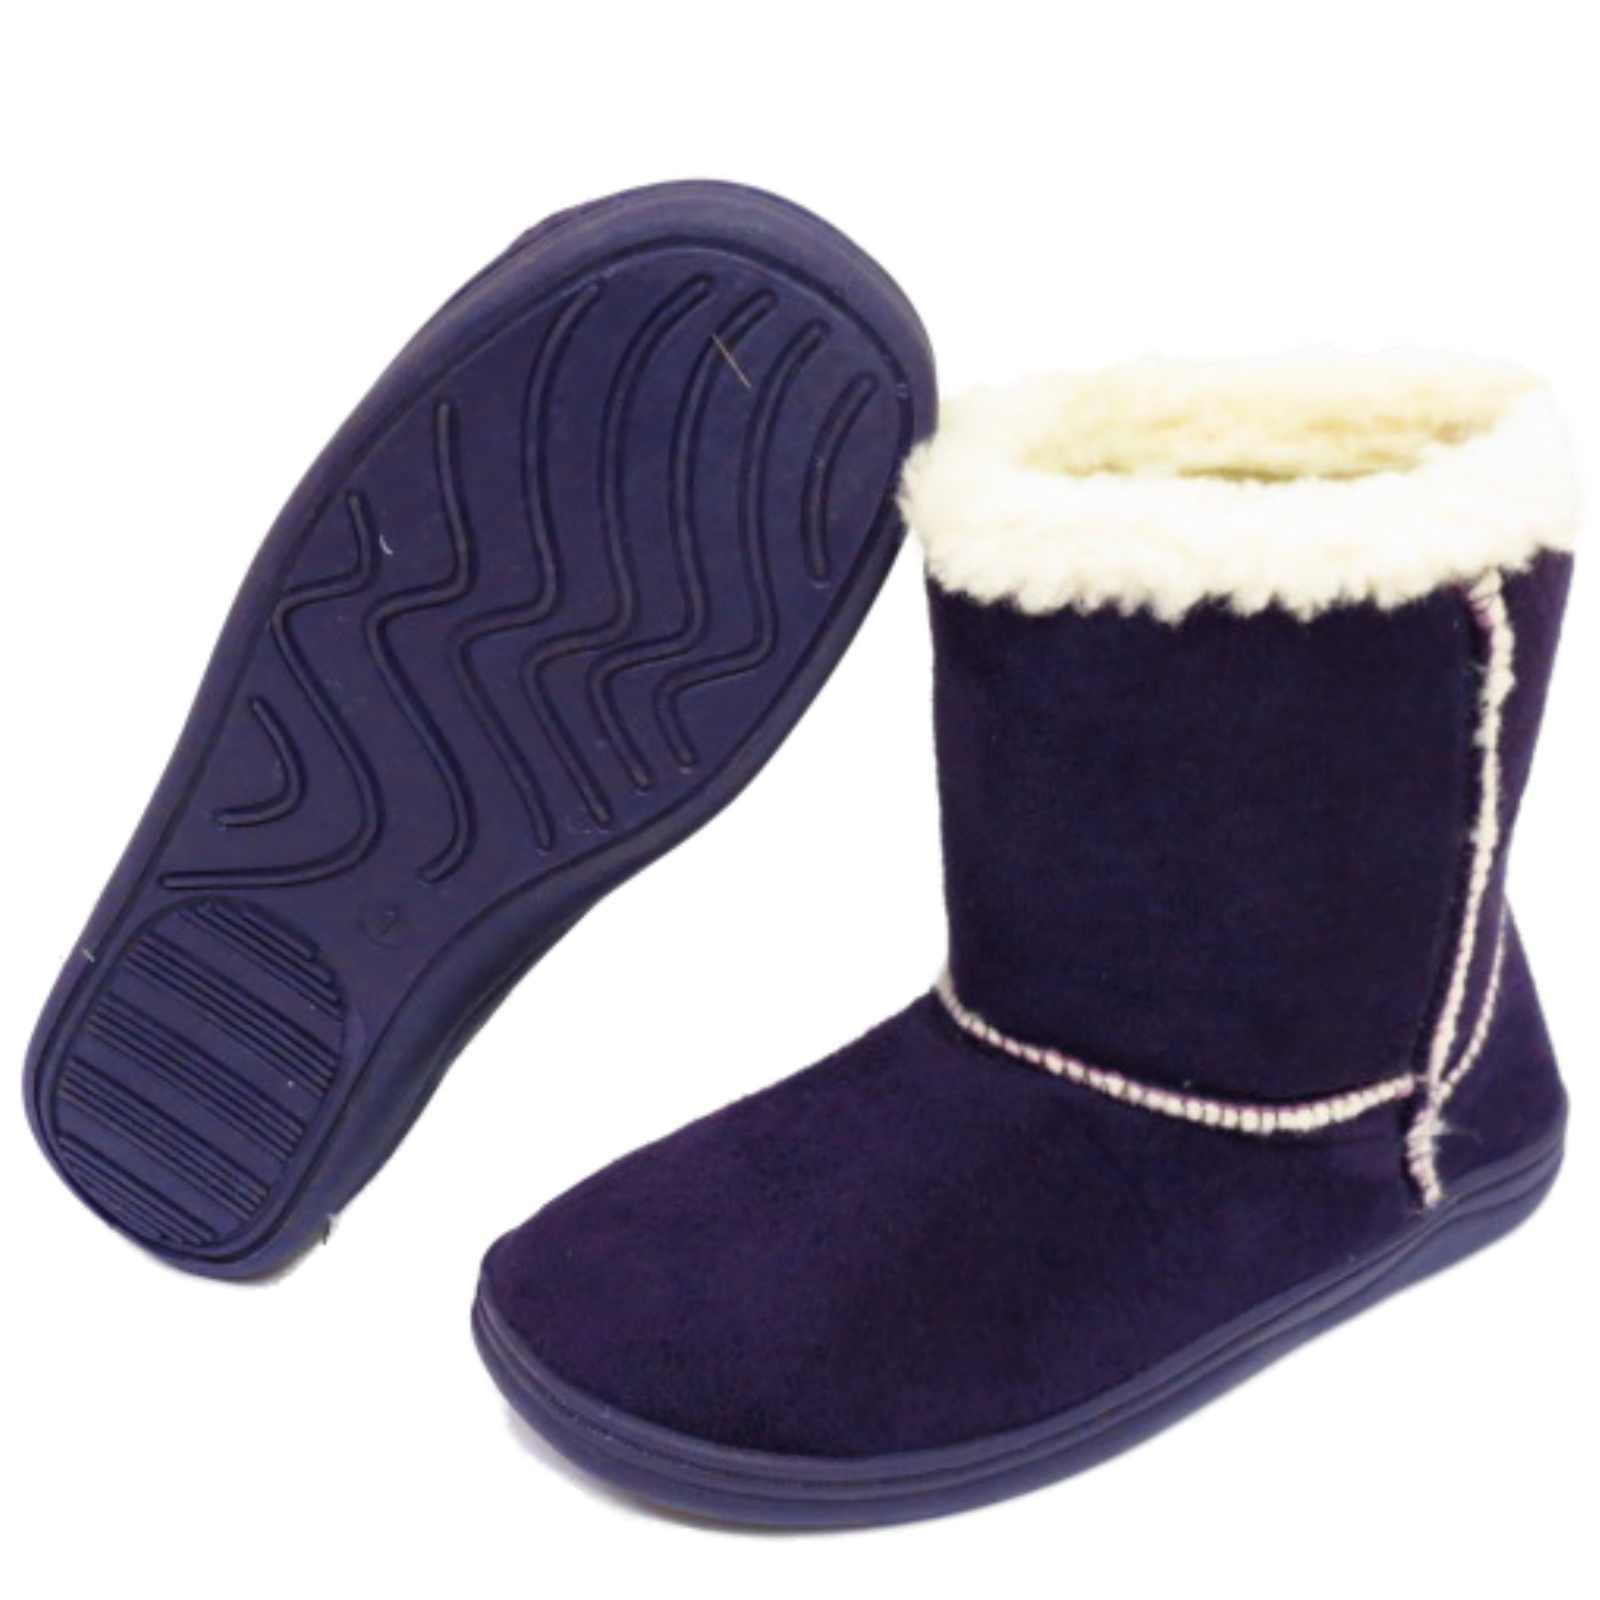 Niñas Niños Púrpura Invierno Cálido Snugg Niños Planas Botas Zapatos forrado de piel sintética 10-2